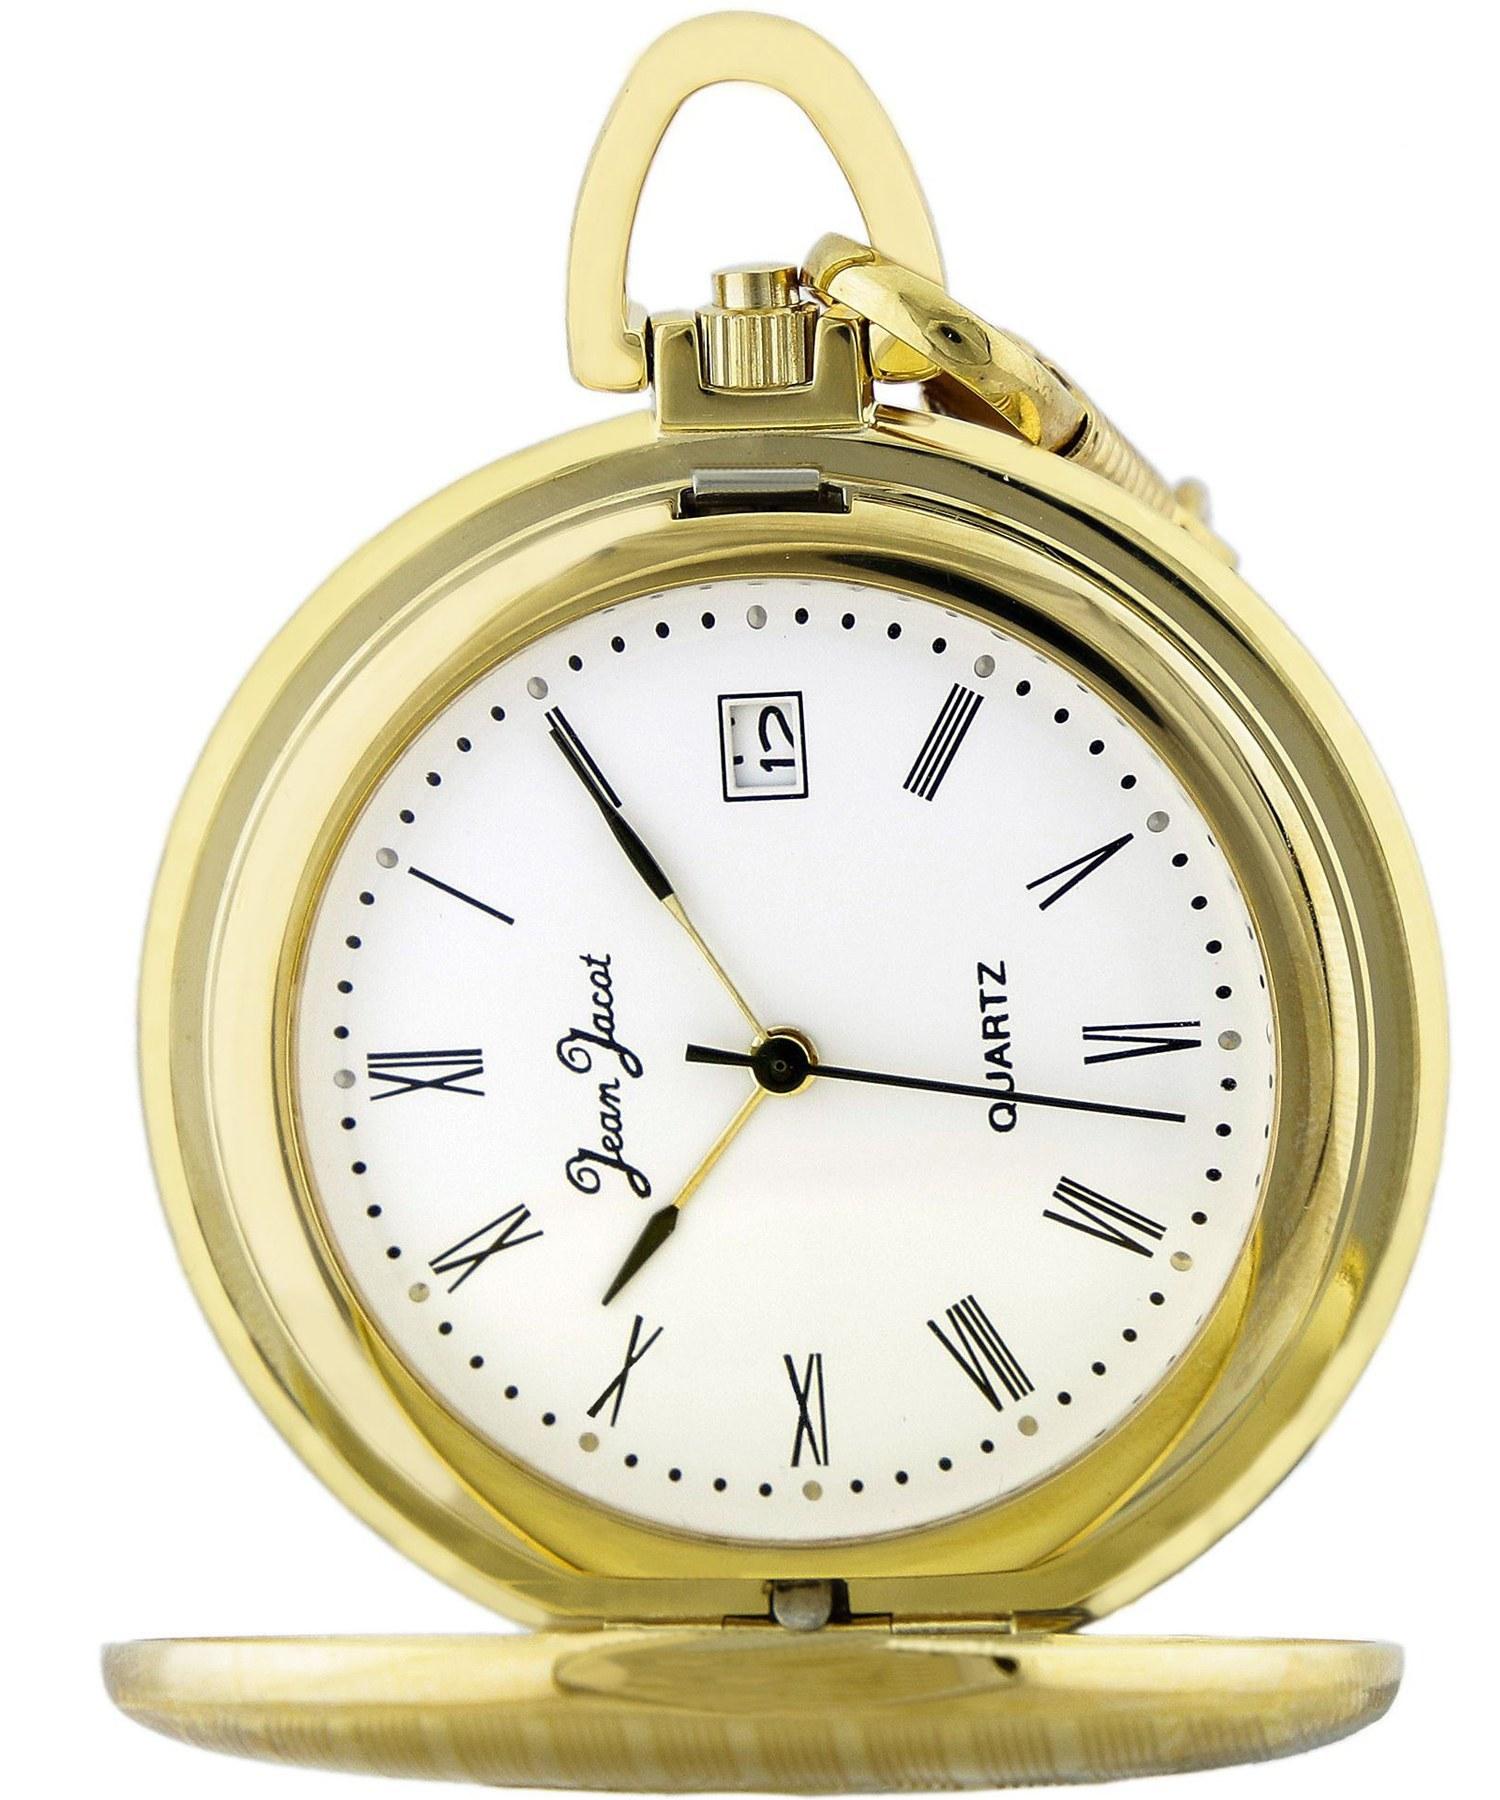 تصویر ساعت جیبی مردانه ژان ژاکت ، کد 1015-QG